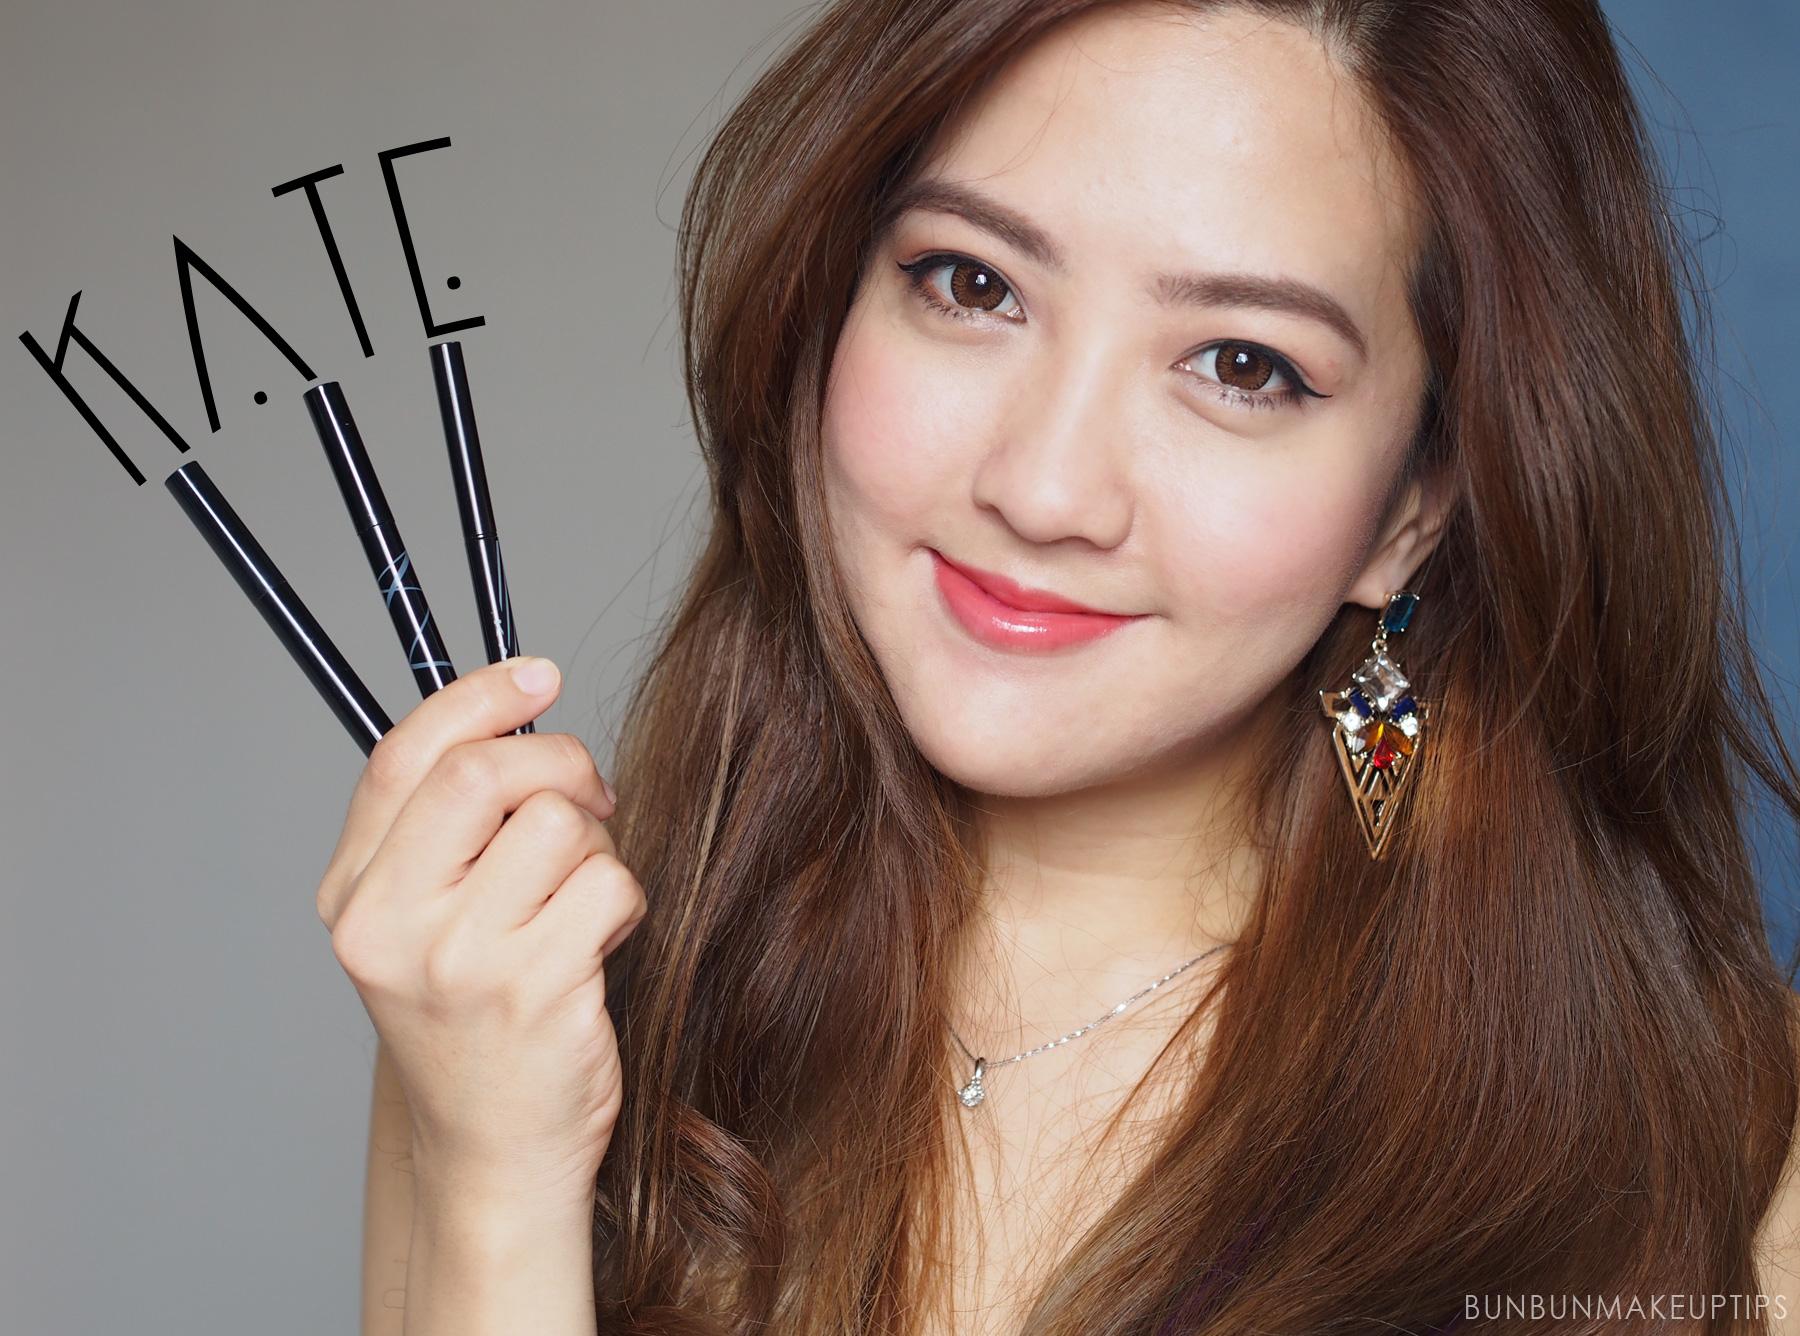 Kate-Super-Sharp-Liner,-Quick-Eyeliner,-Slim-Gel-Pencil-Review_cover